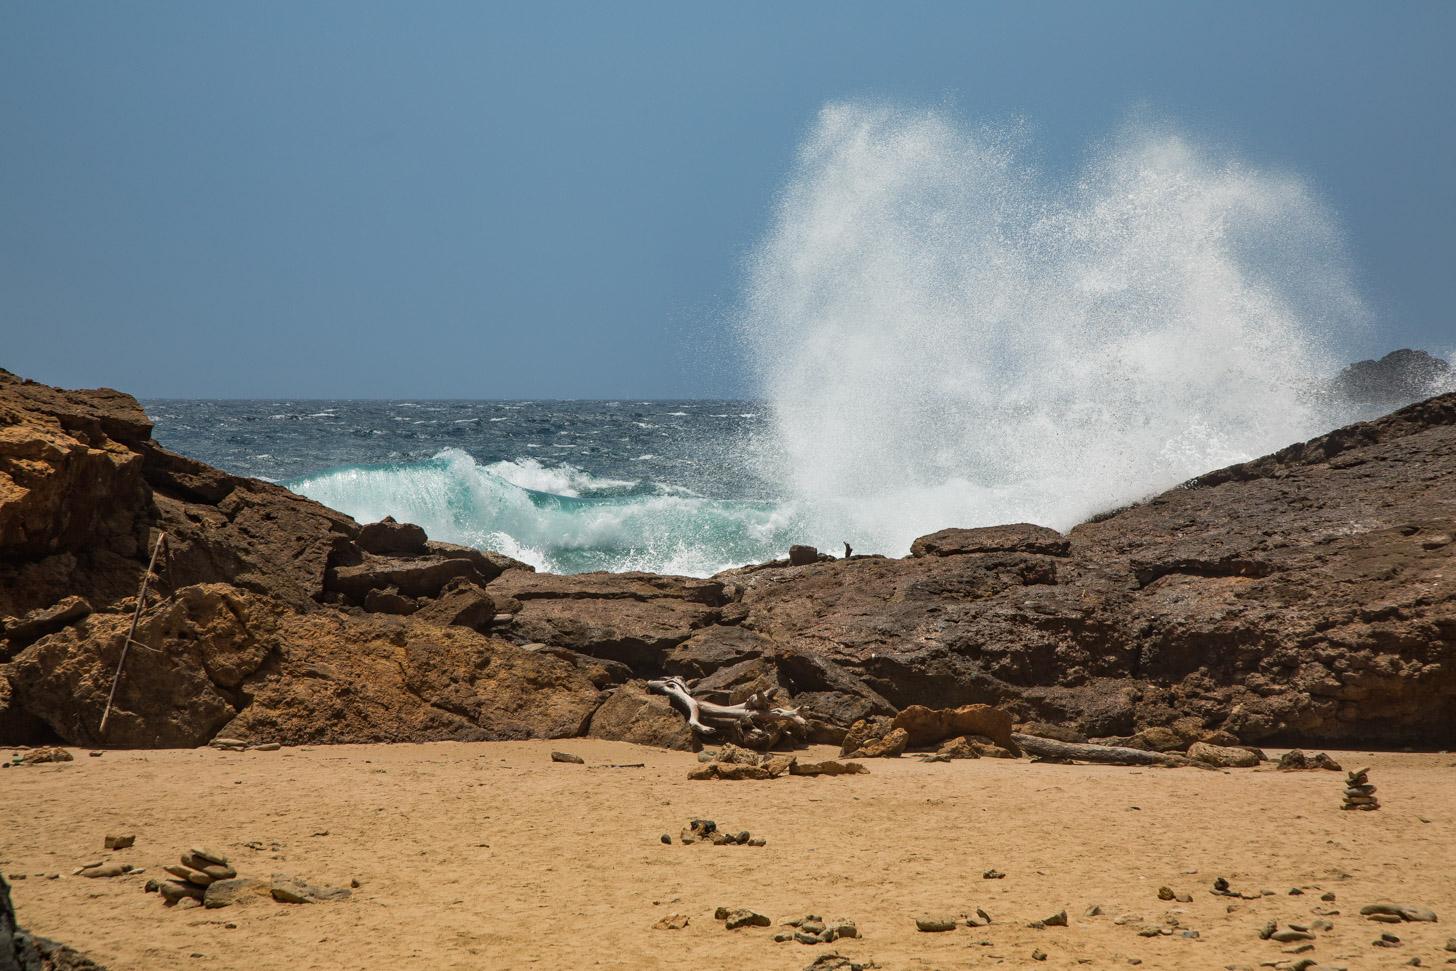 De ruige noordkust van Aruba